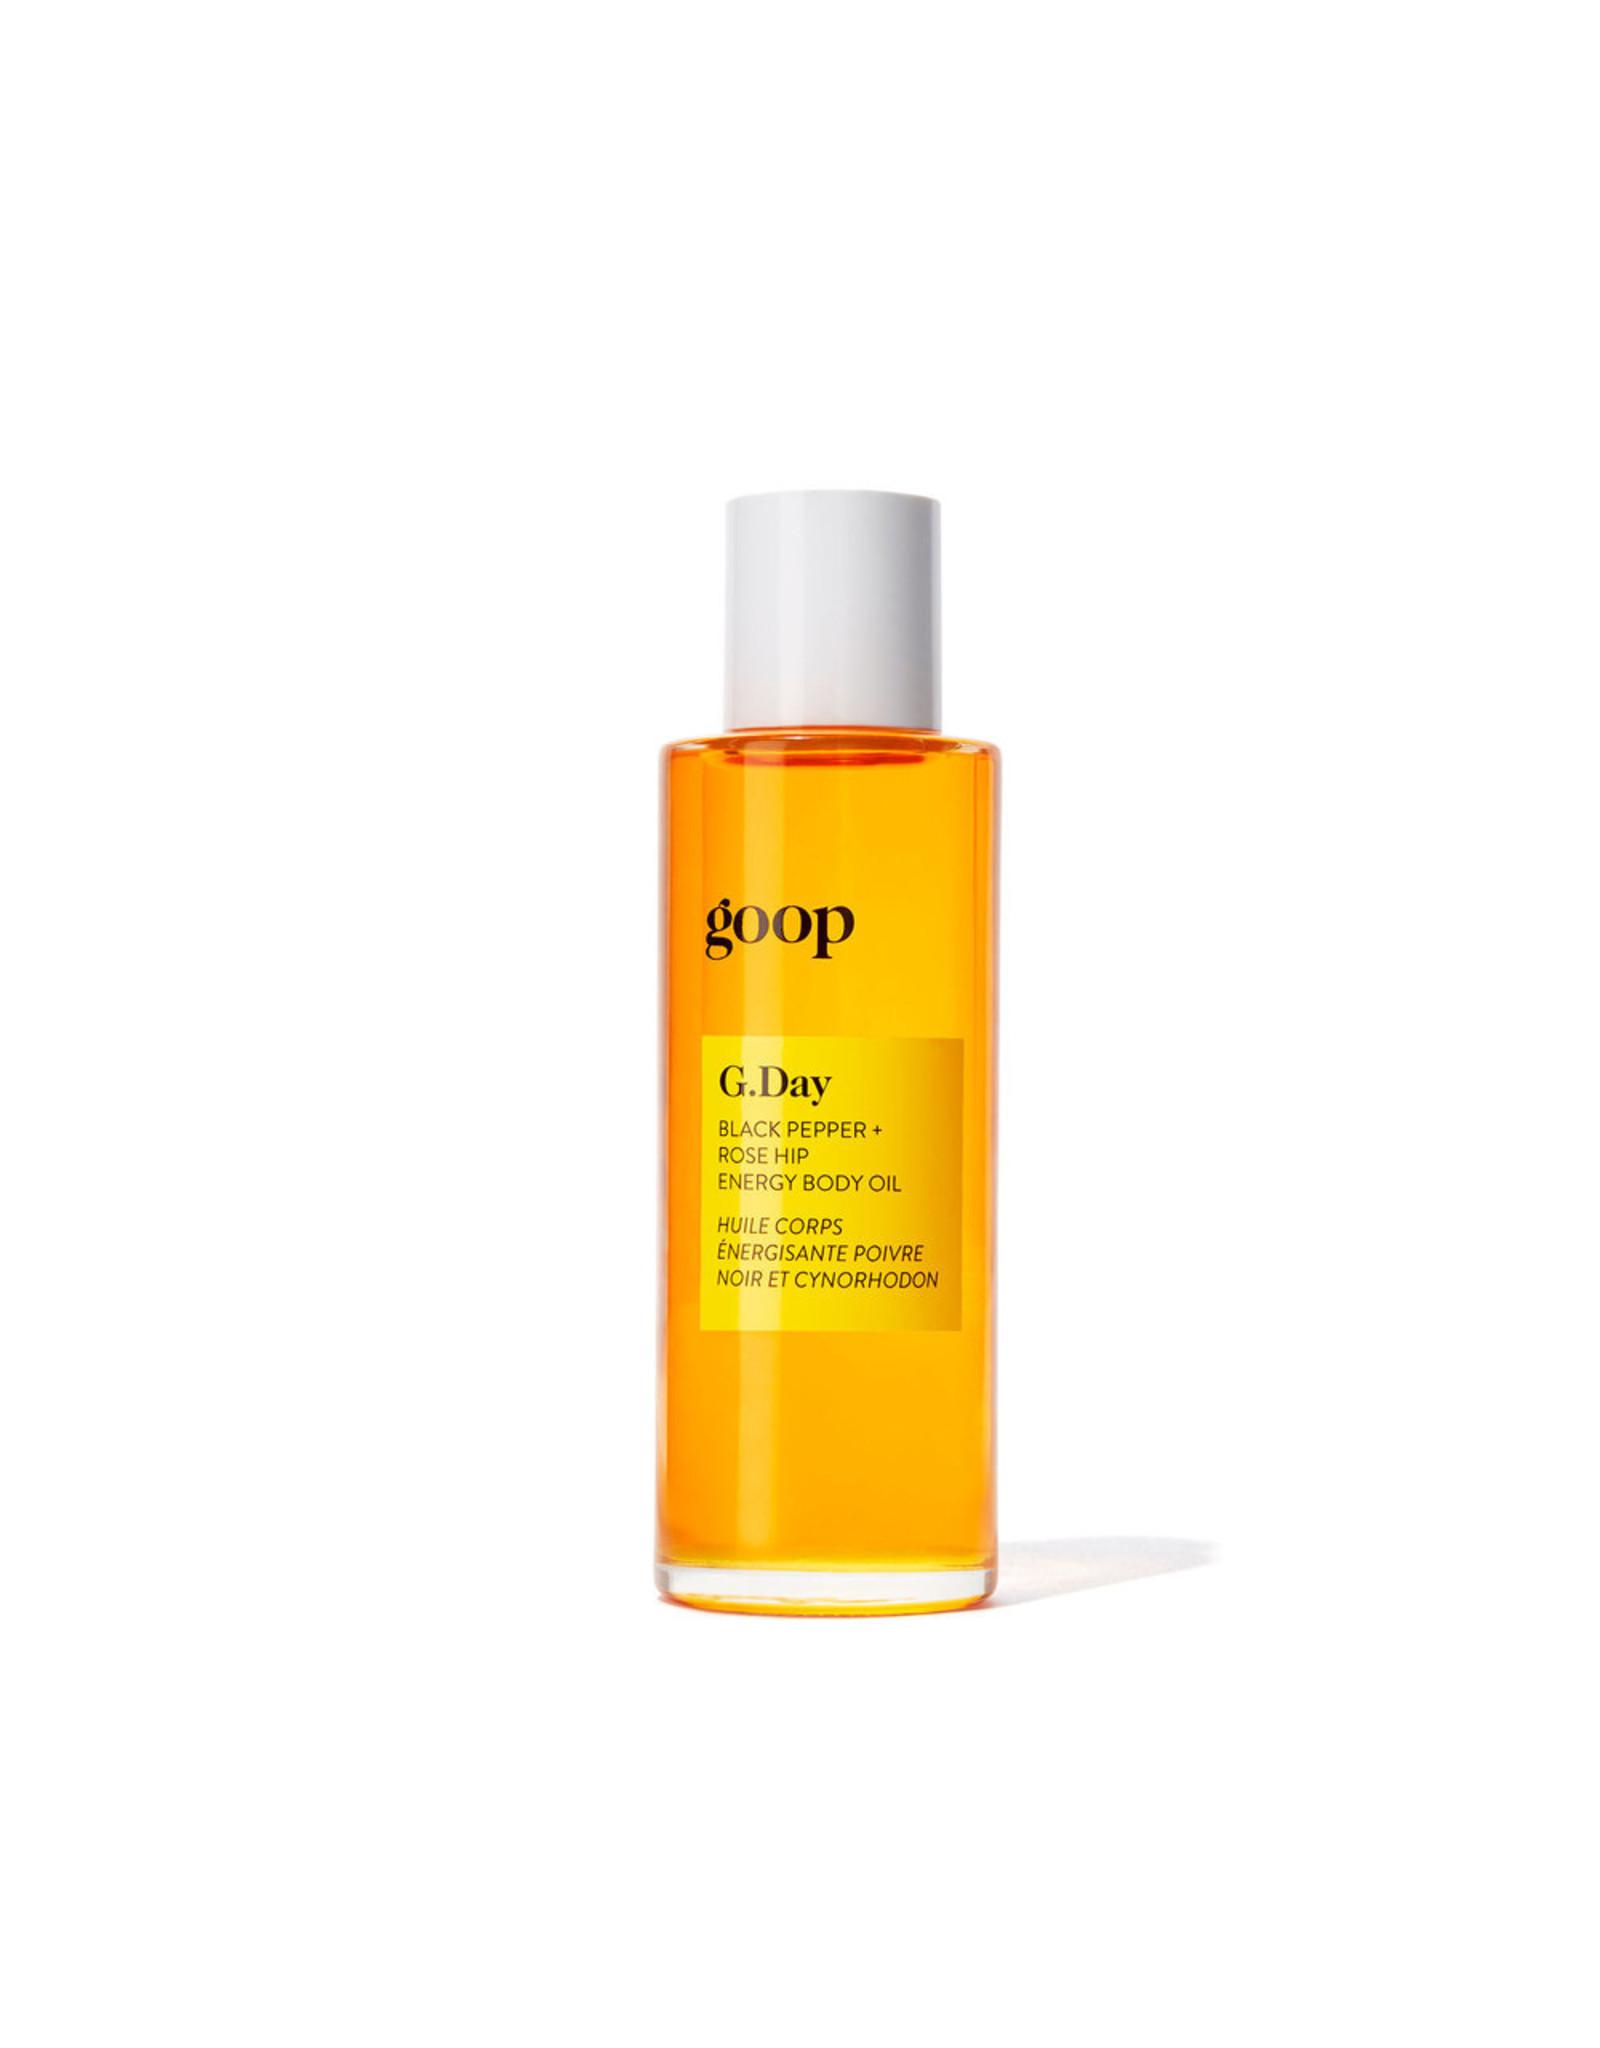 goop Body goop Beauty G.DAY Black Pepper + Rose Hip Energy Body Oil